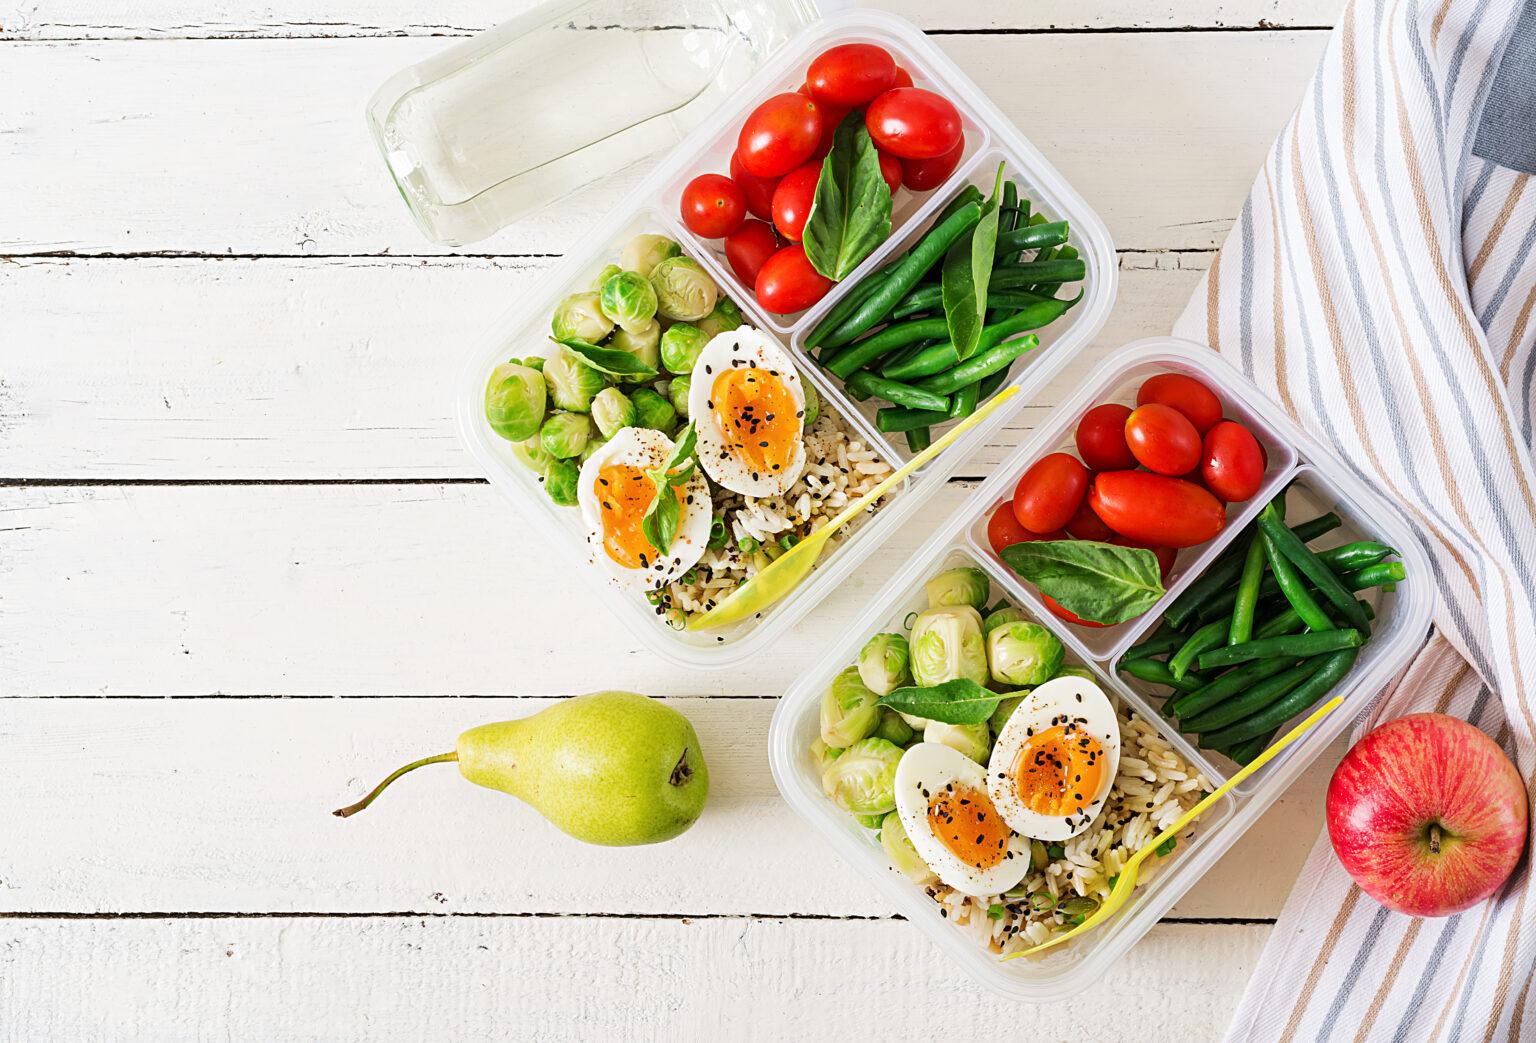 Vemos duas marmitas com diversos legumes e verduras (imagem ilustrativa). Texto: franquias baratas de alimentação.